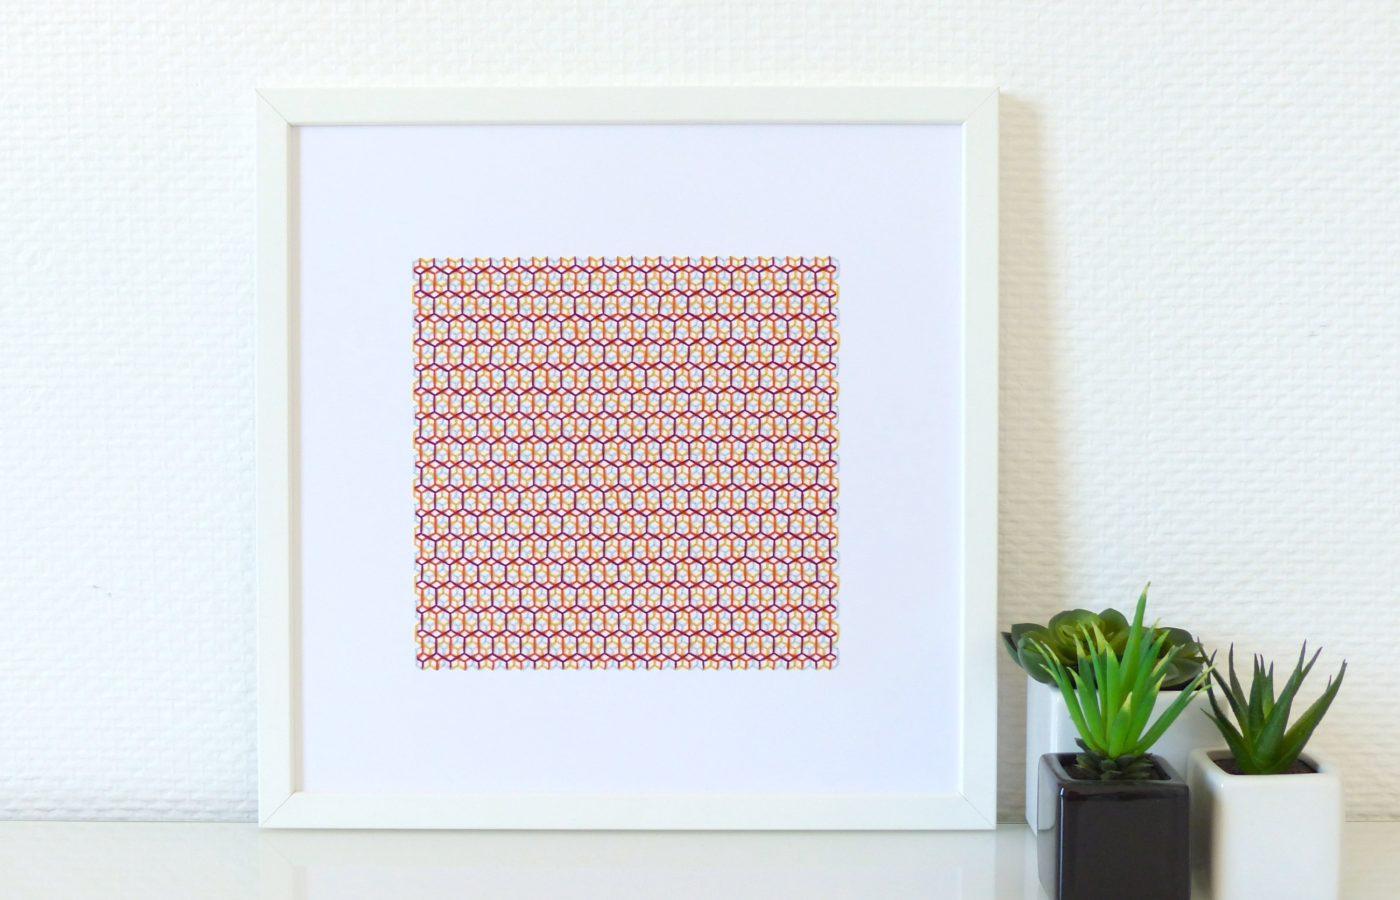 Les Fils Rouges décoration murale tableau motif isométrique hexagones multicolore brodé